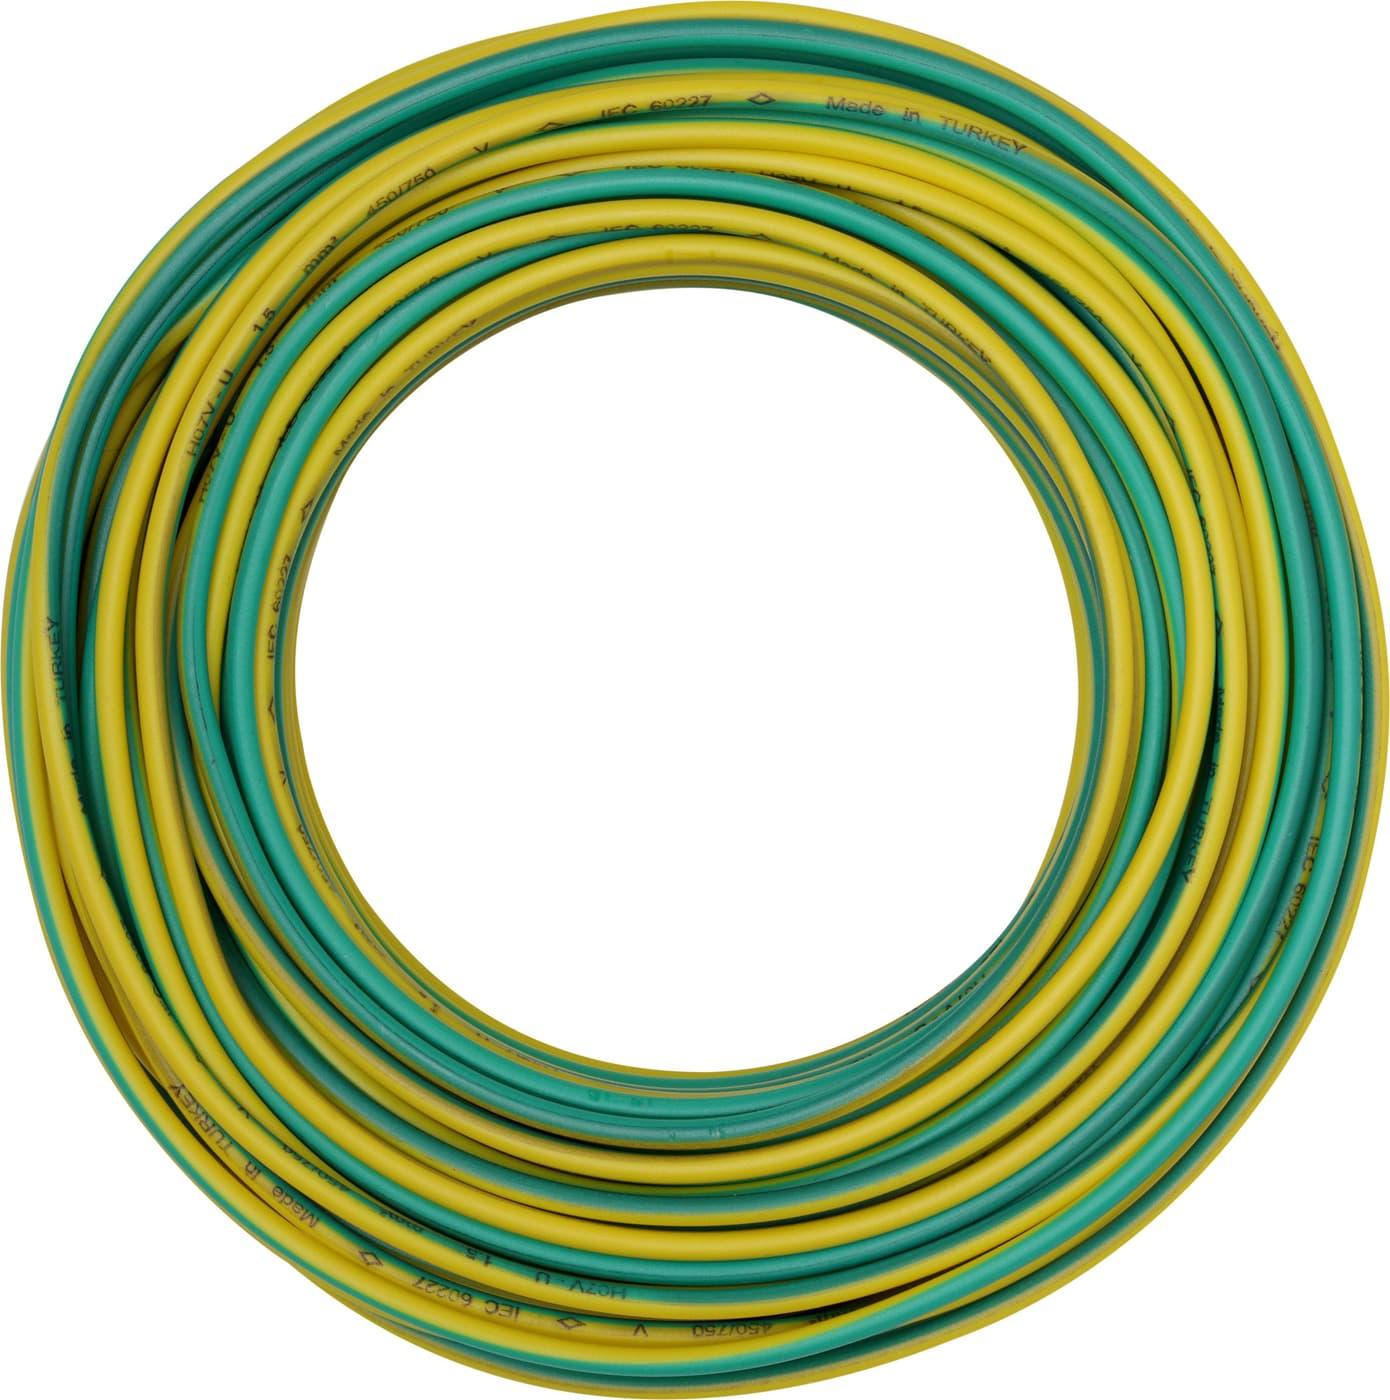 Tolle Metra Kabelbaumdiagramm Bilder - Die Besten Elektrischen ...